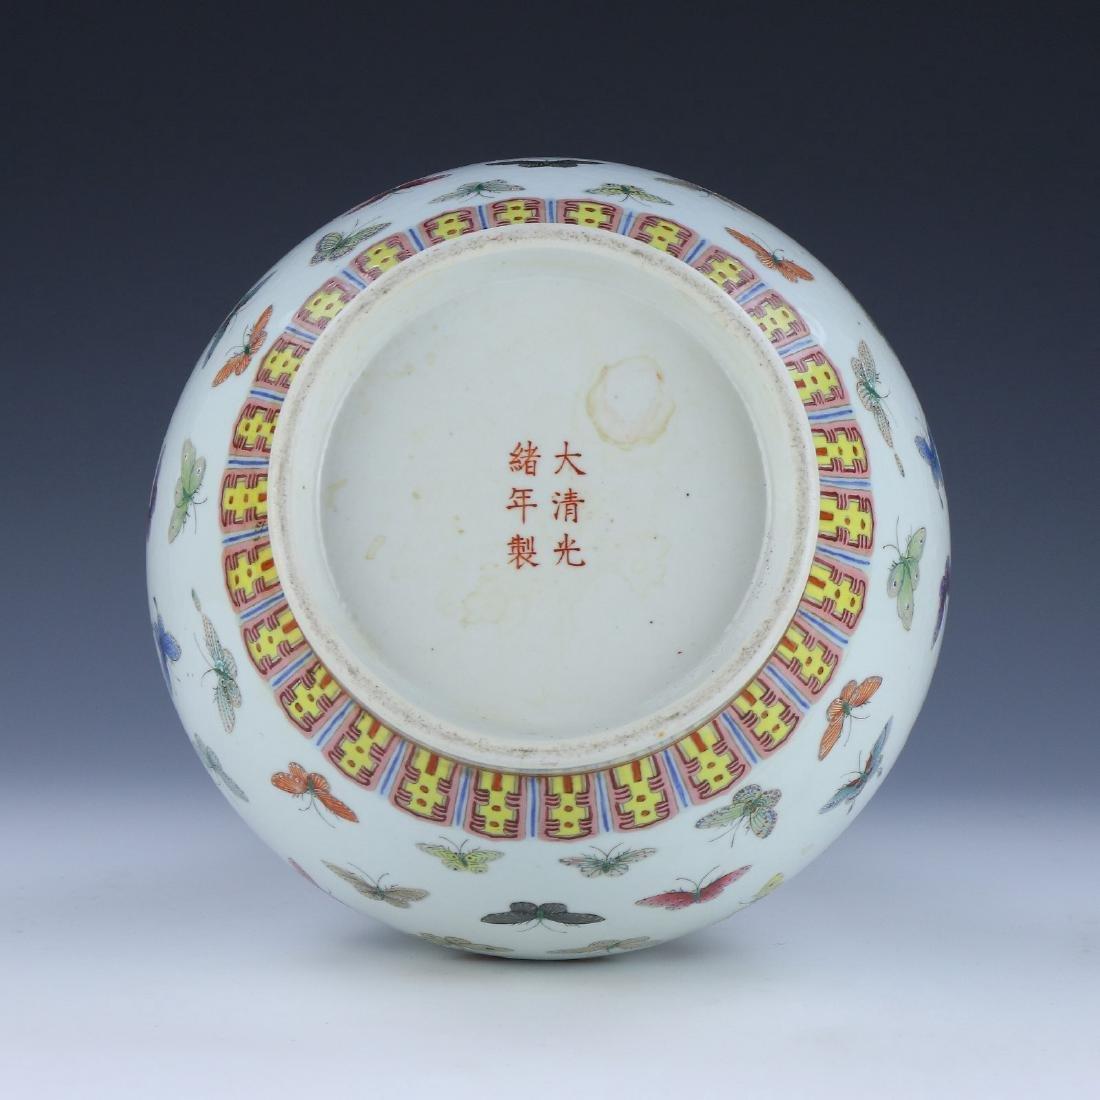 A BIG CHINESE ANTIQUE FAMILLE ROSE PORCELAIN VASE - 4